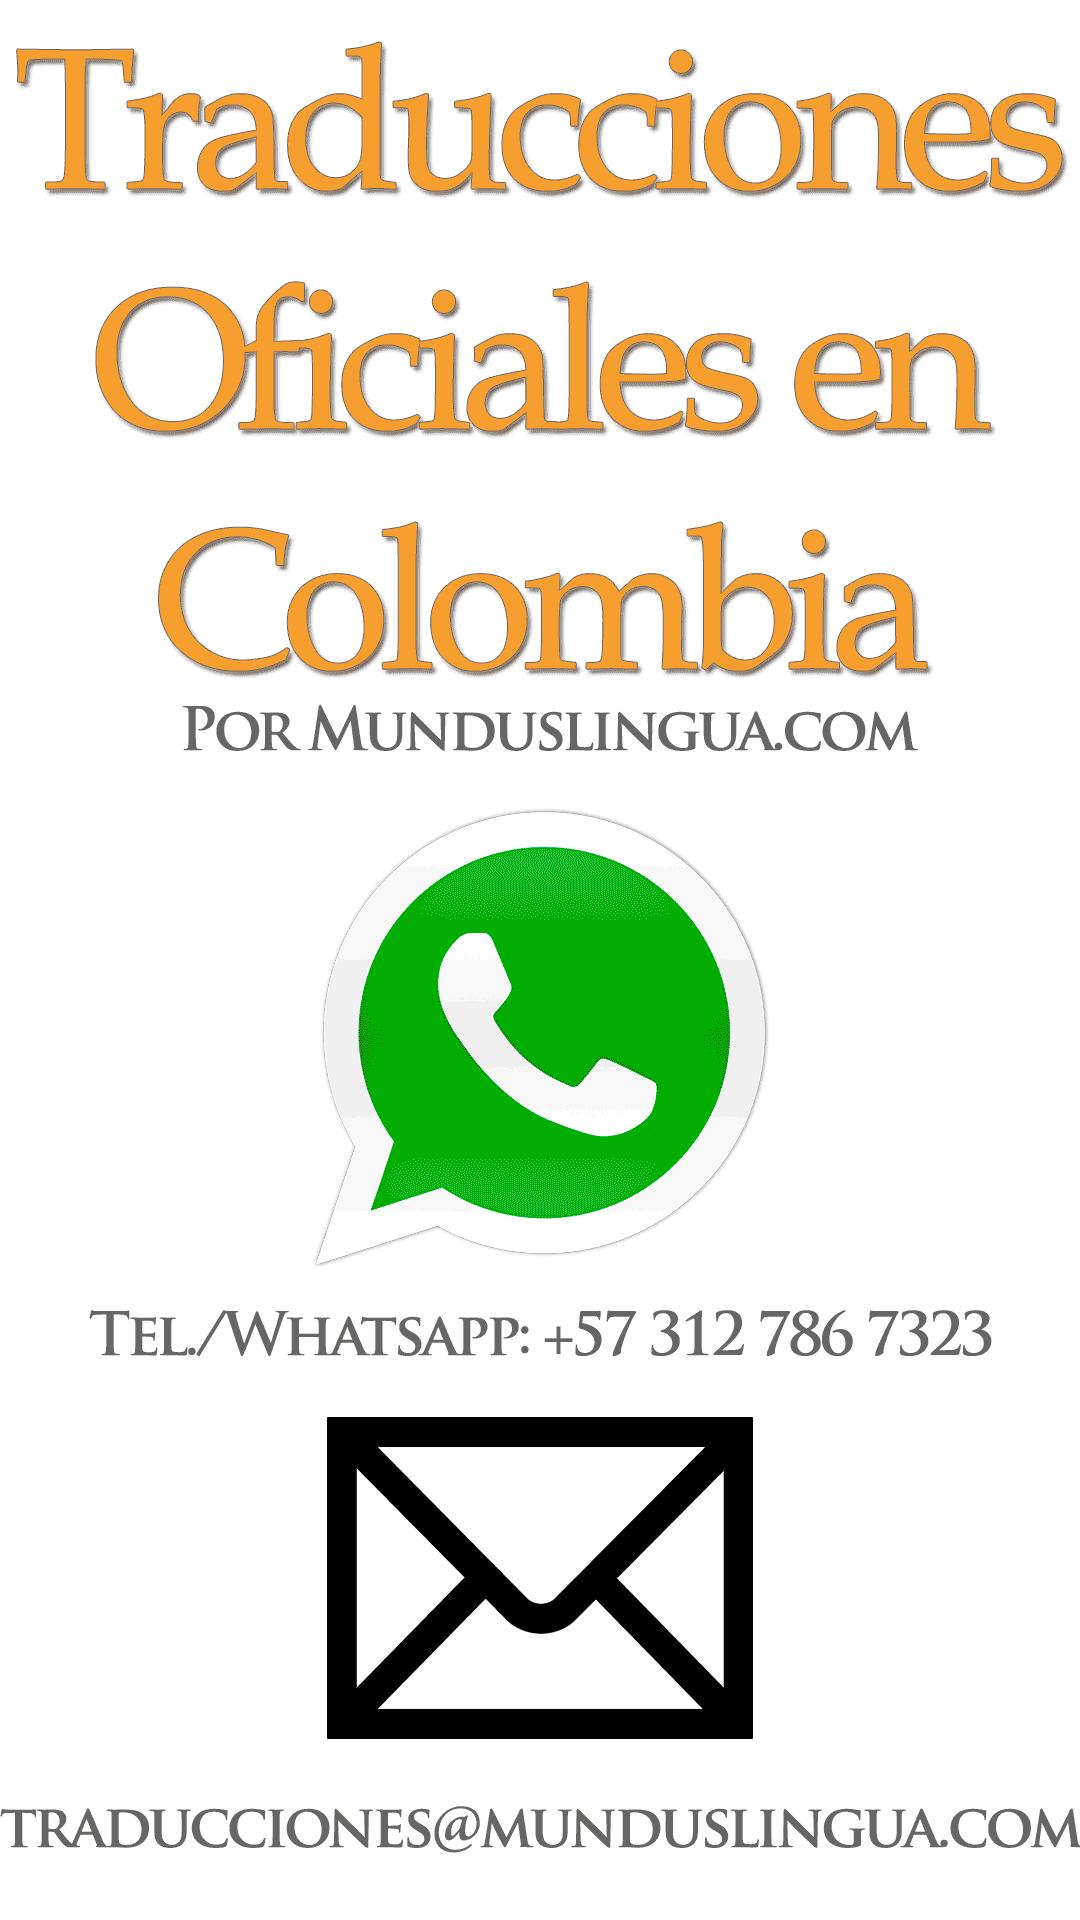 Información de Contacto de Traductores Oficiales en Colombia